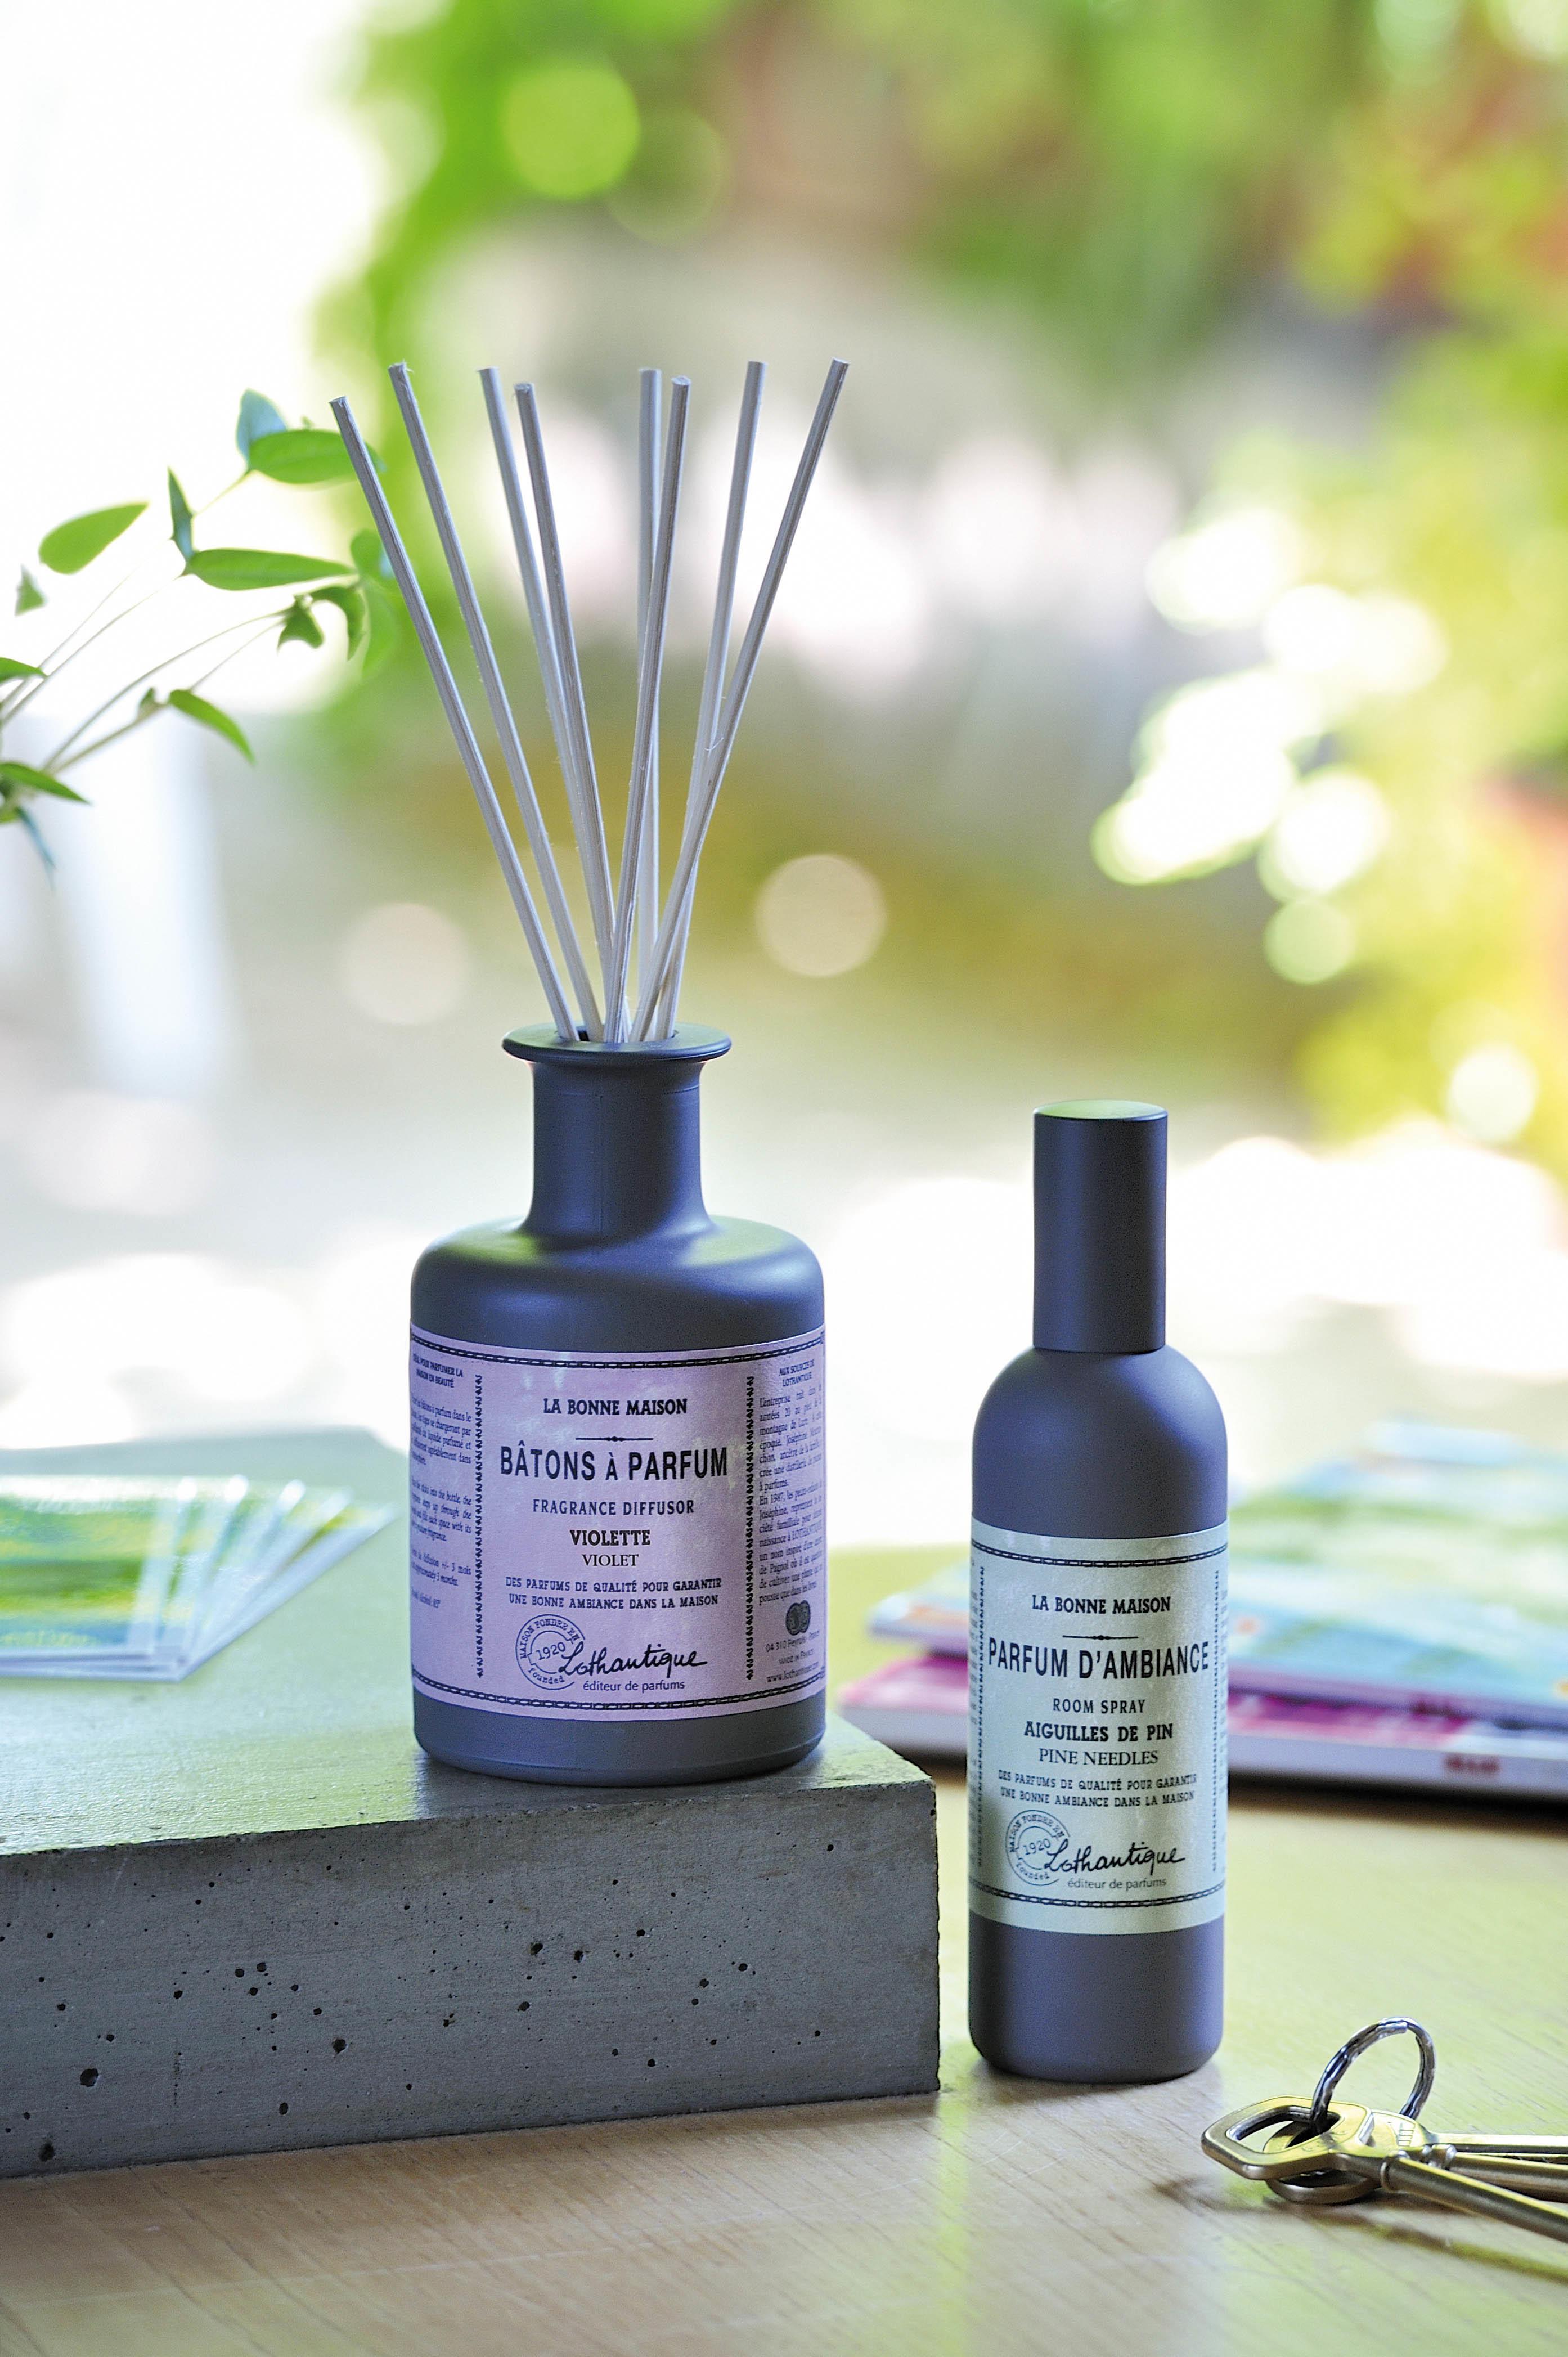 la bonne maison collection lothantique lothantique diteur de parfums. Black Bedroom Furniture Sets. Home Design Ideas